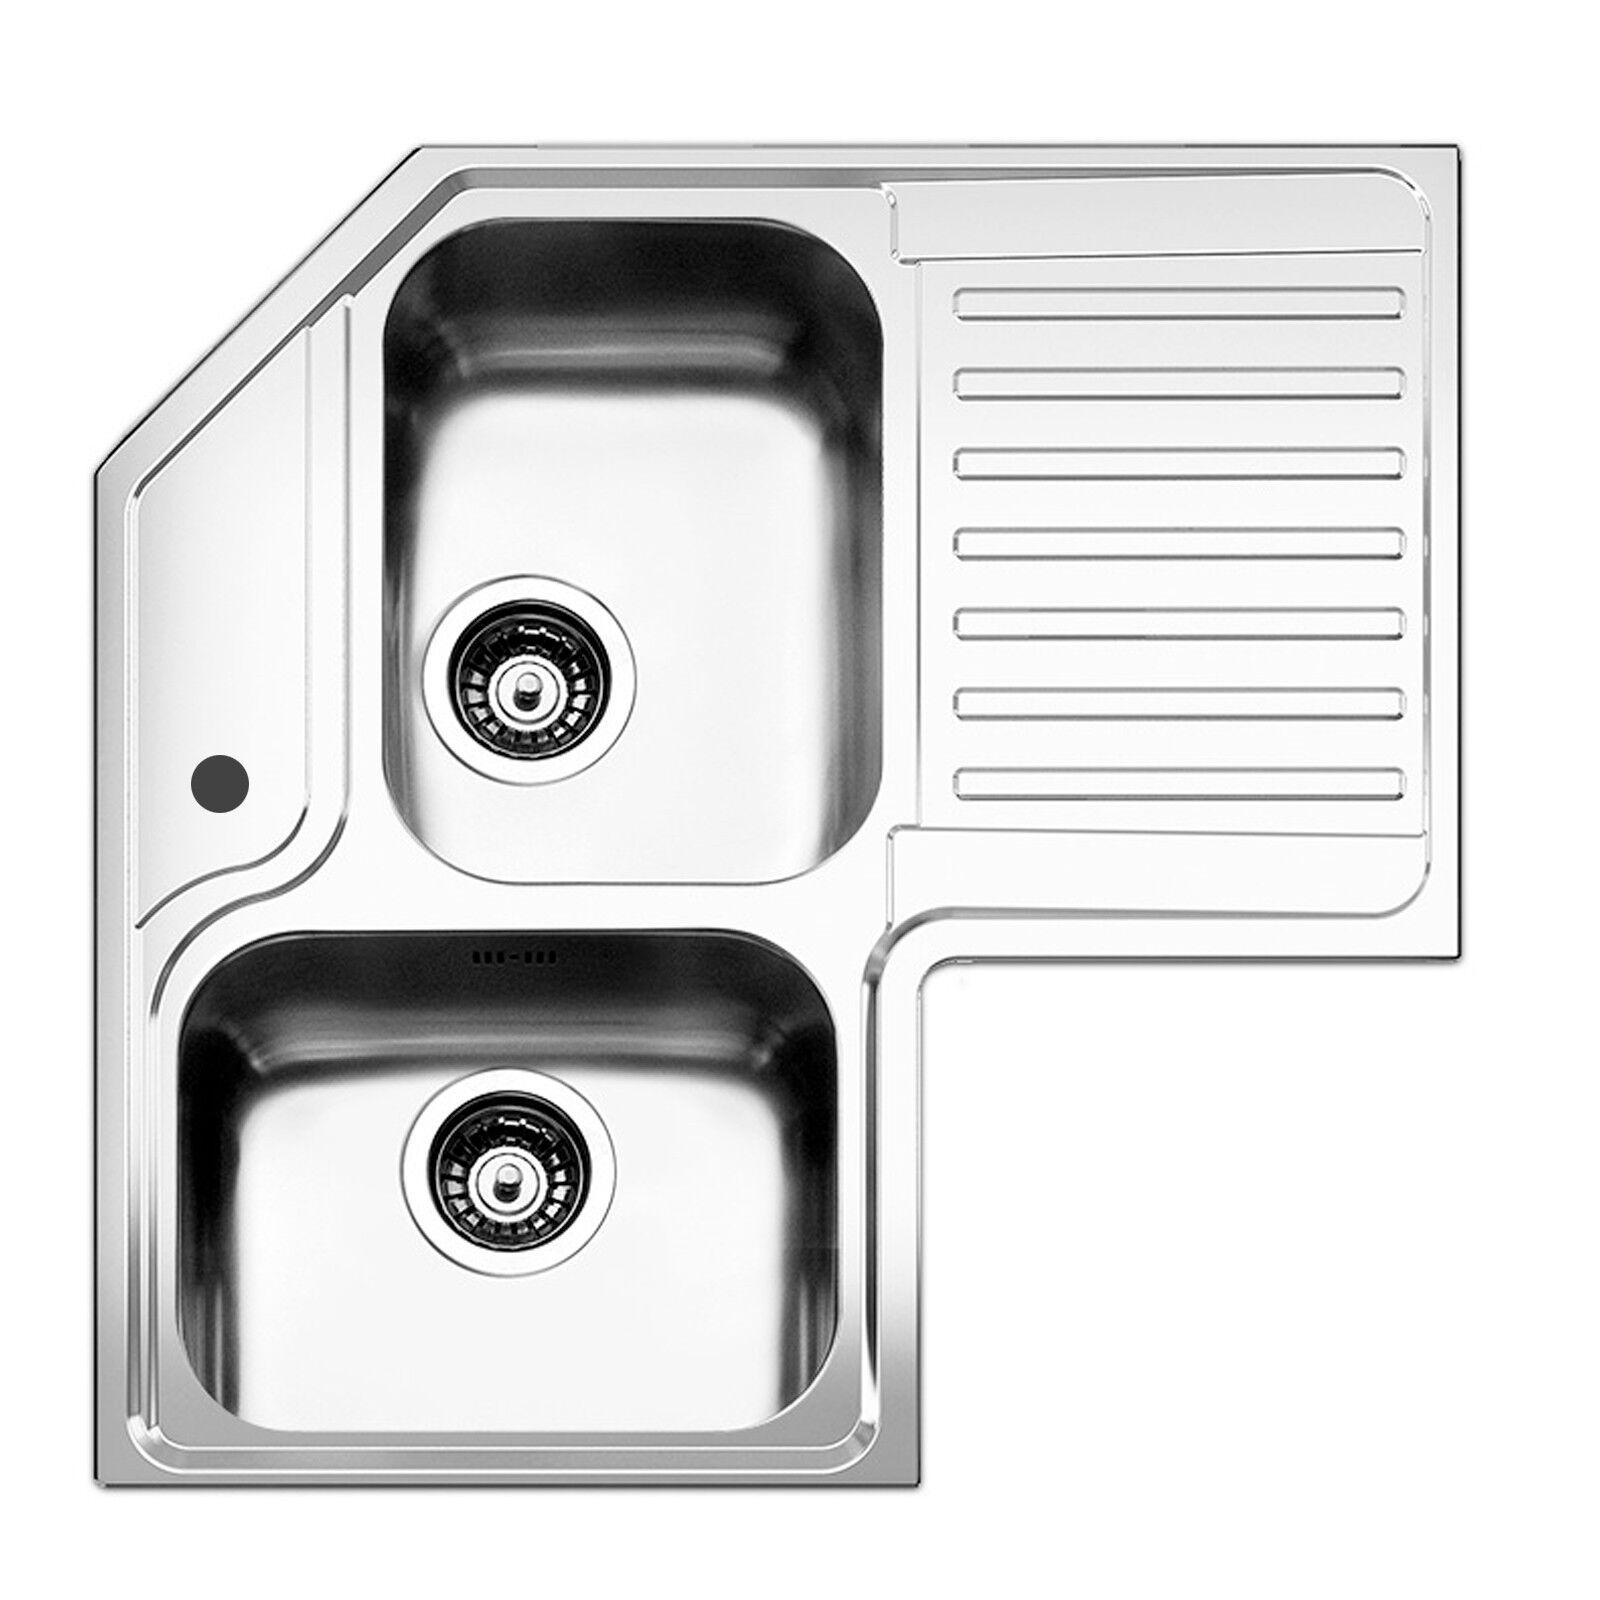 Lavello Apell angolare 83x83x50 cm con 2 vasche acciaio inox spazzolato angolare